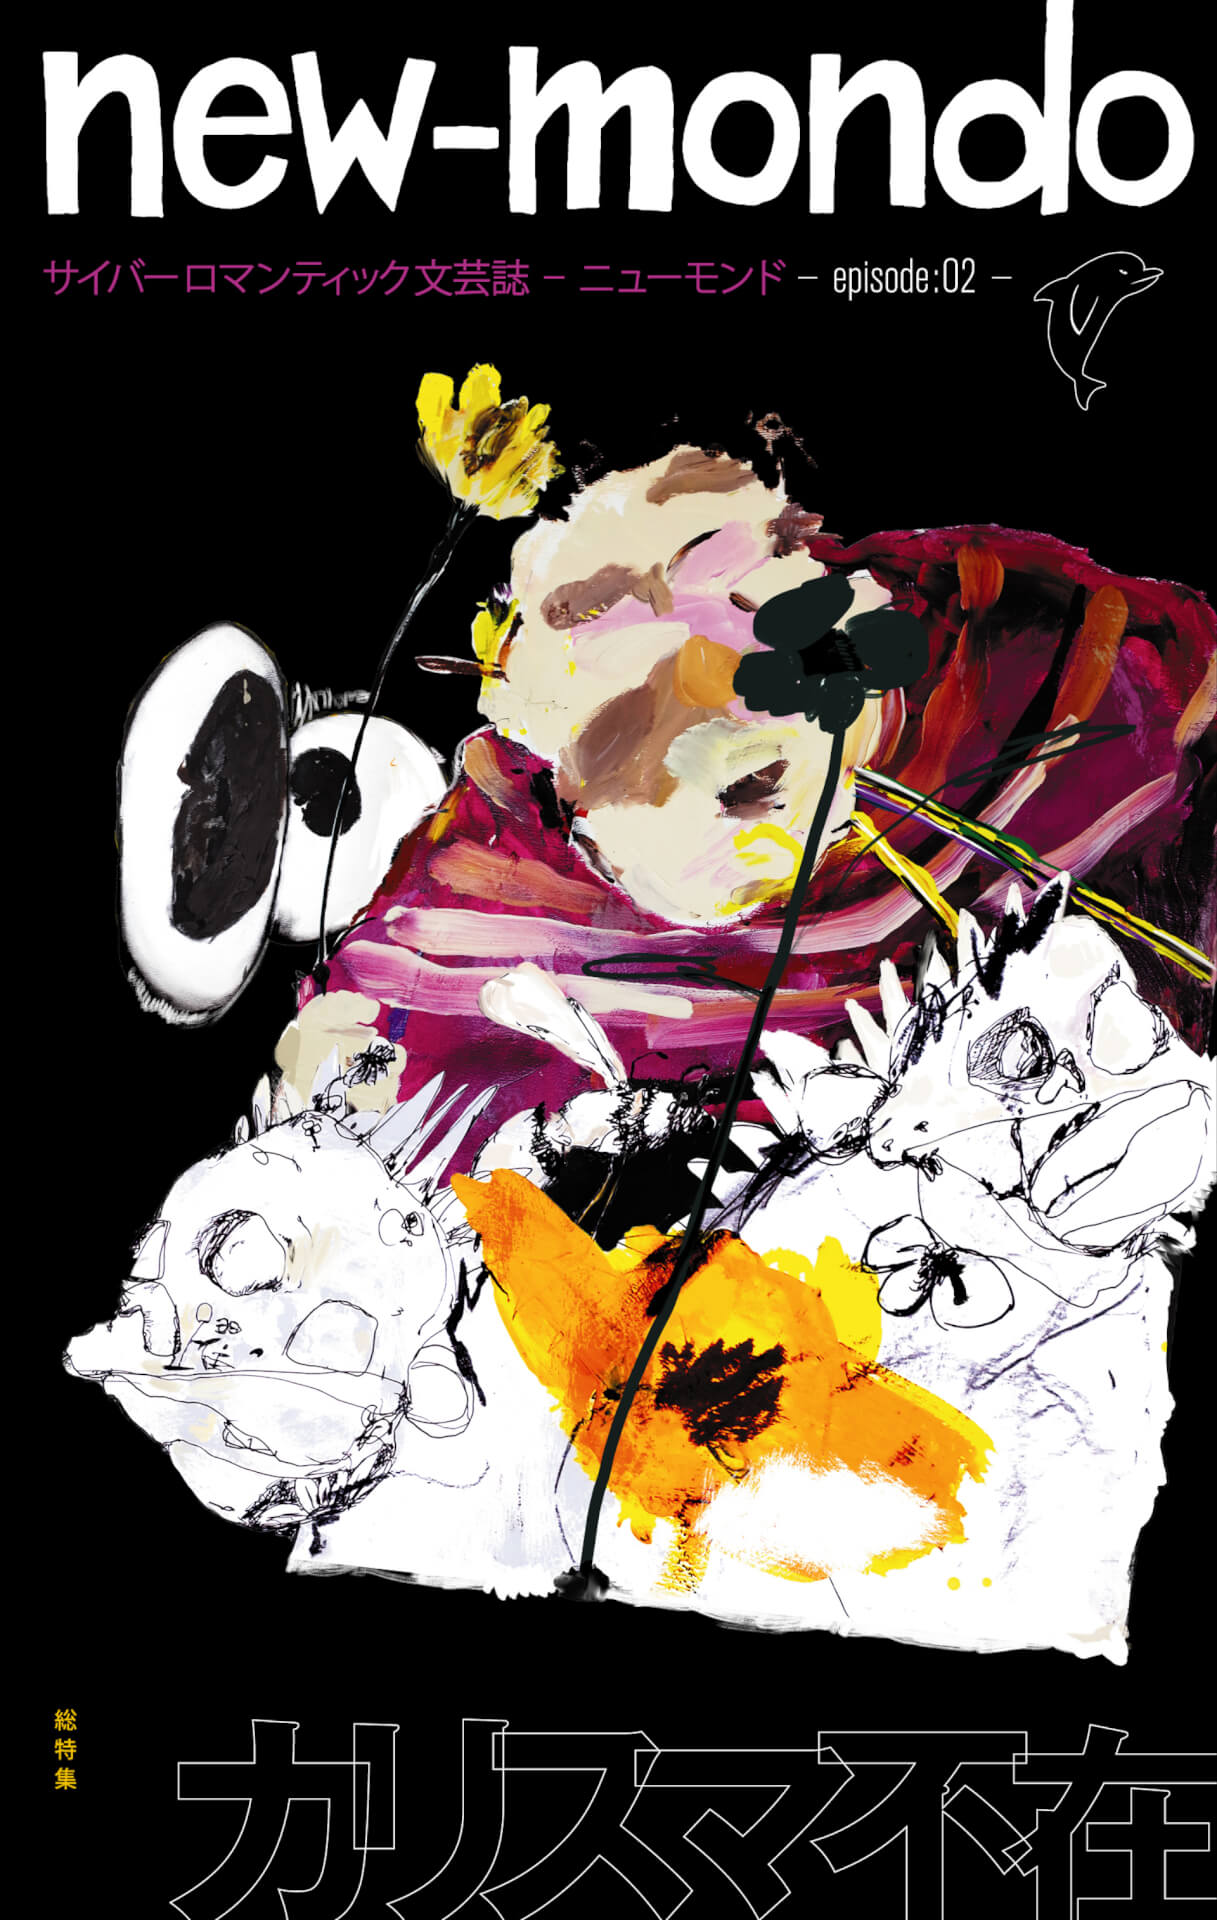 サイバーロマンティック文芸誌『new-mondo magazine』第2号が発売中!カワグチジン、黒柳勝喜、下津光史らが参加 art210511_new-mondo-210511_1